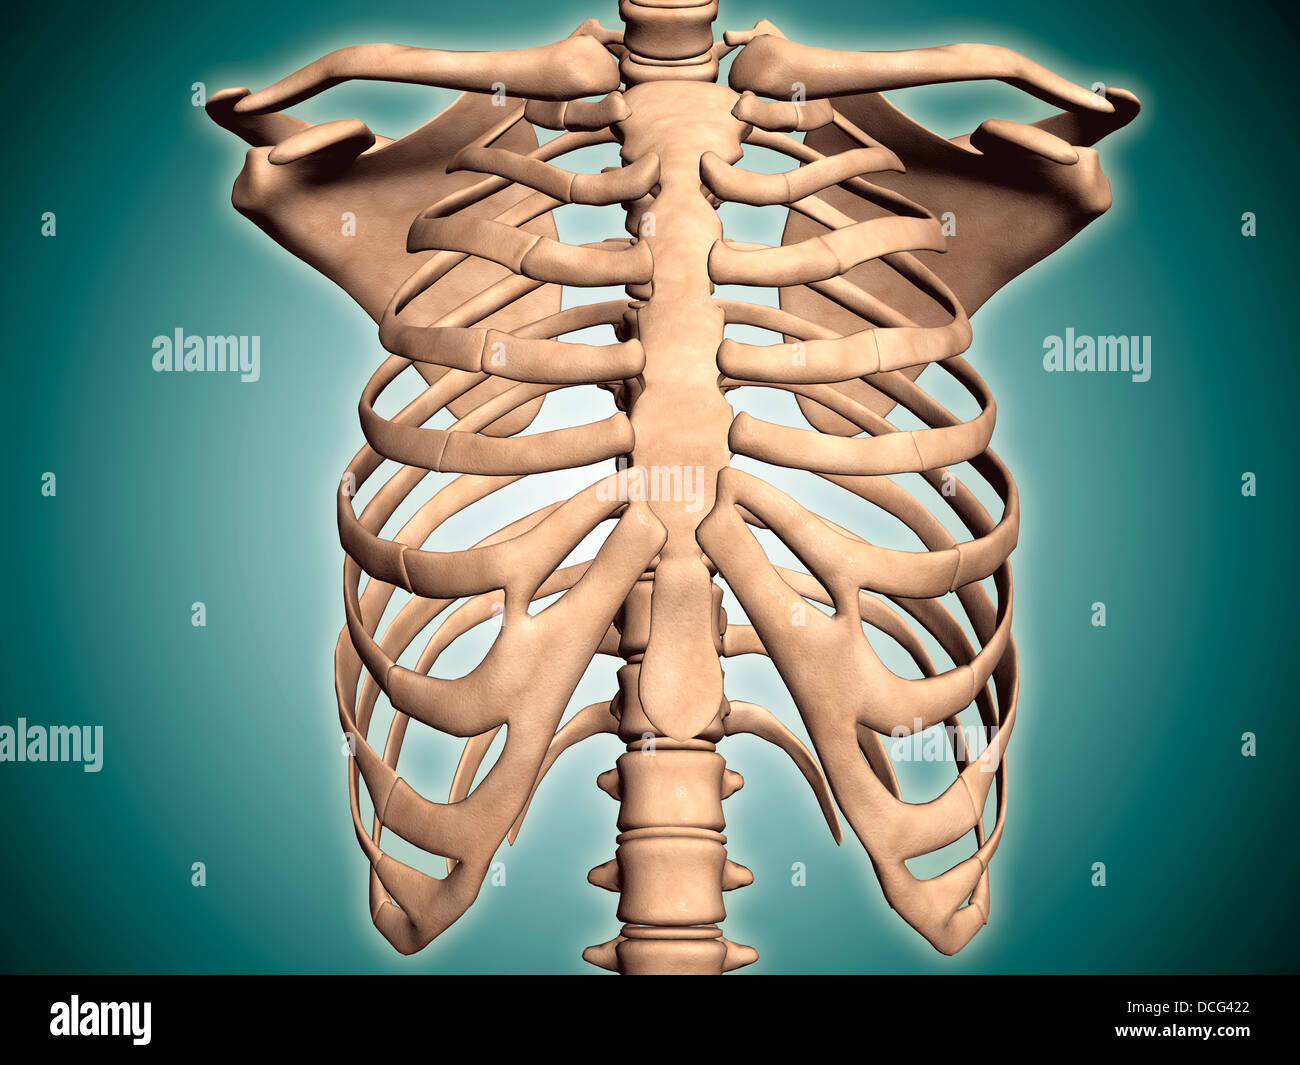 Nahaufnahme des menschlichen Brustkorb Stockfoto, Bild: 59361402 - Alamy